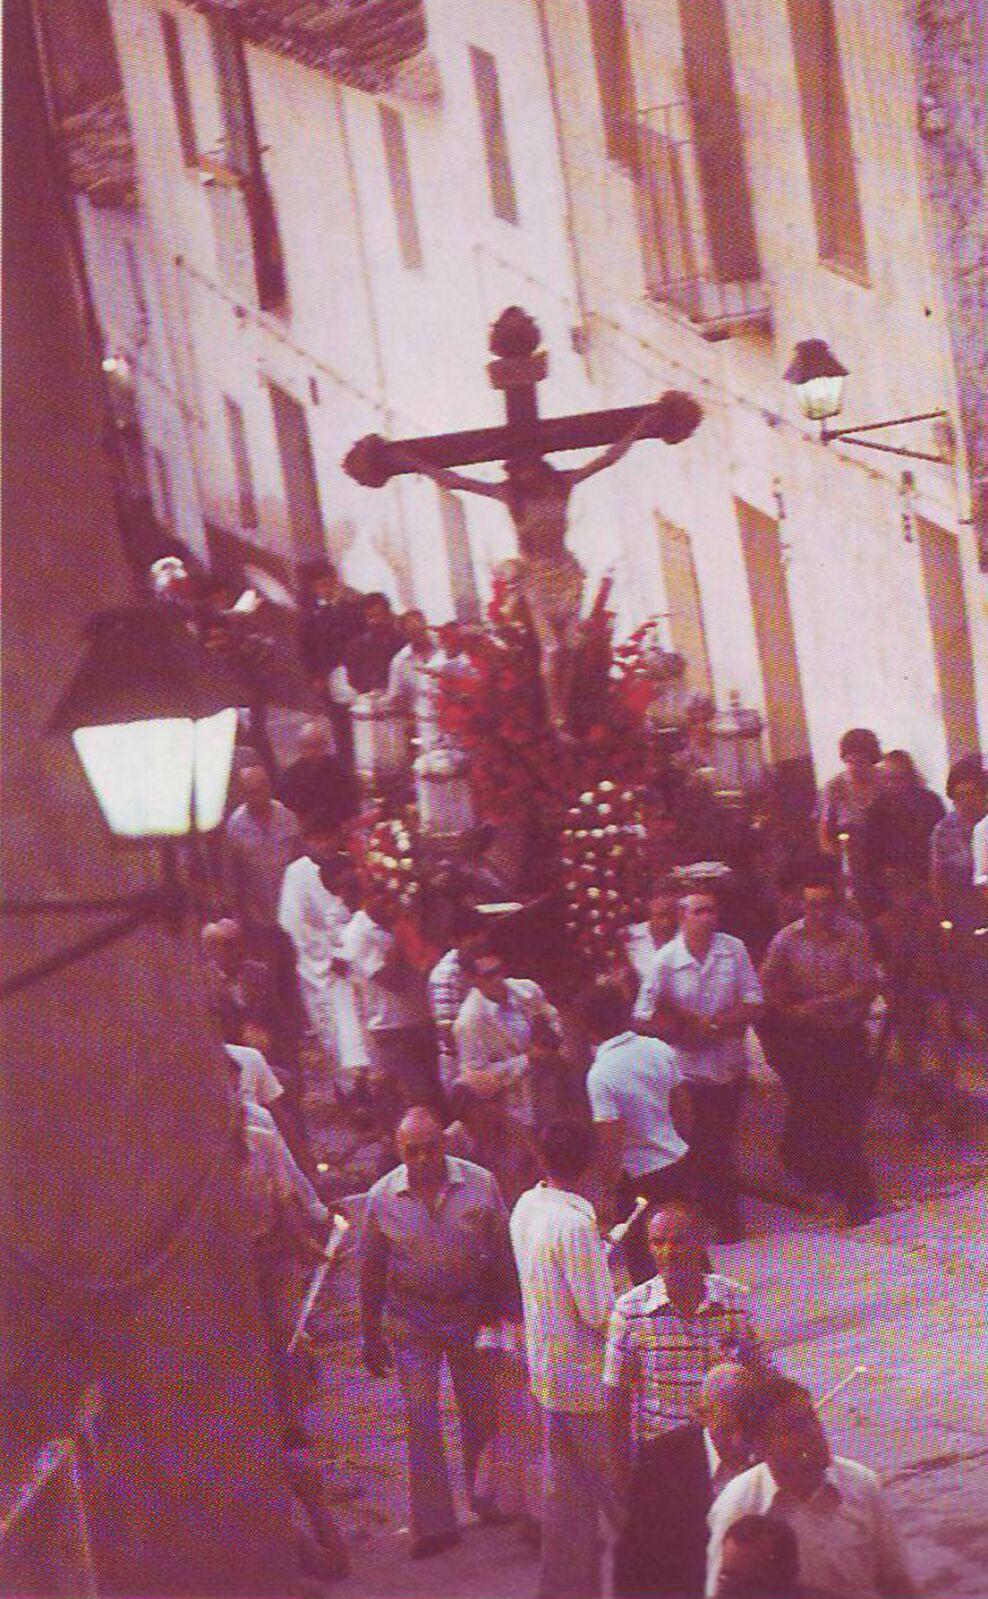 (Año 1980) - ElCristo - Fotografias Historicas - (01)